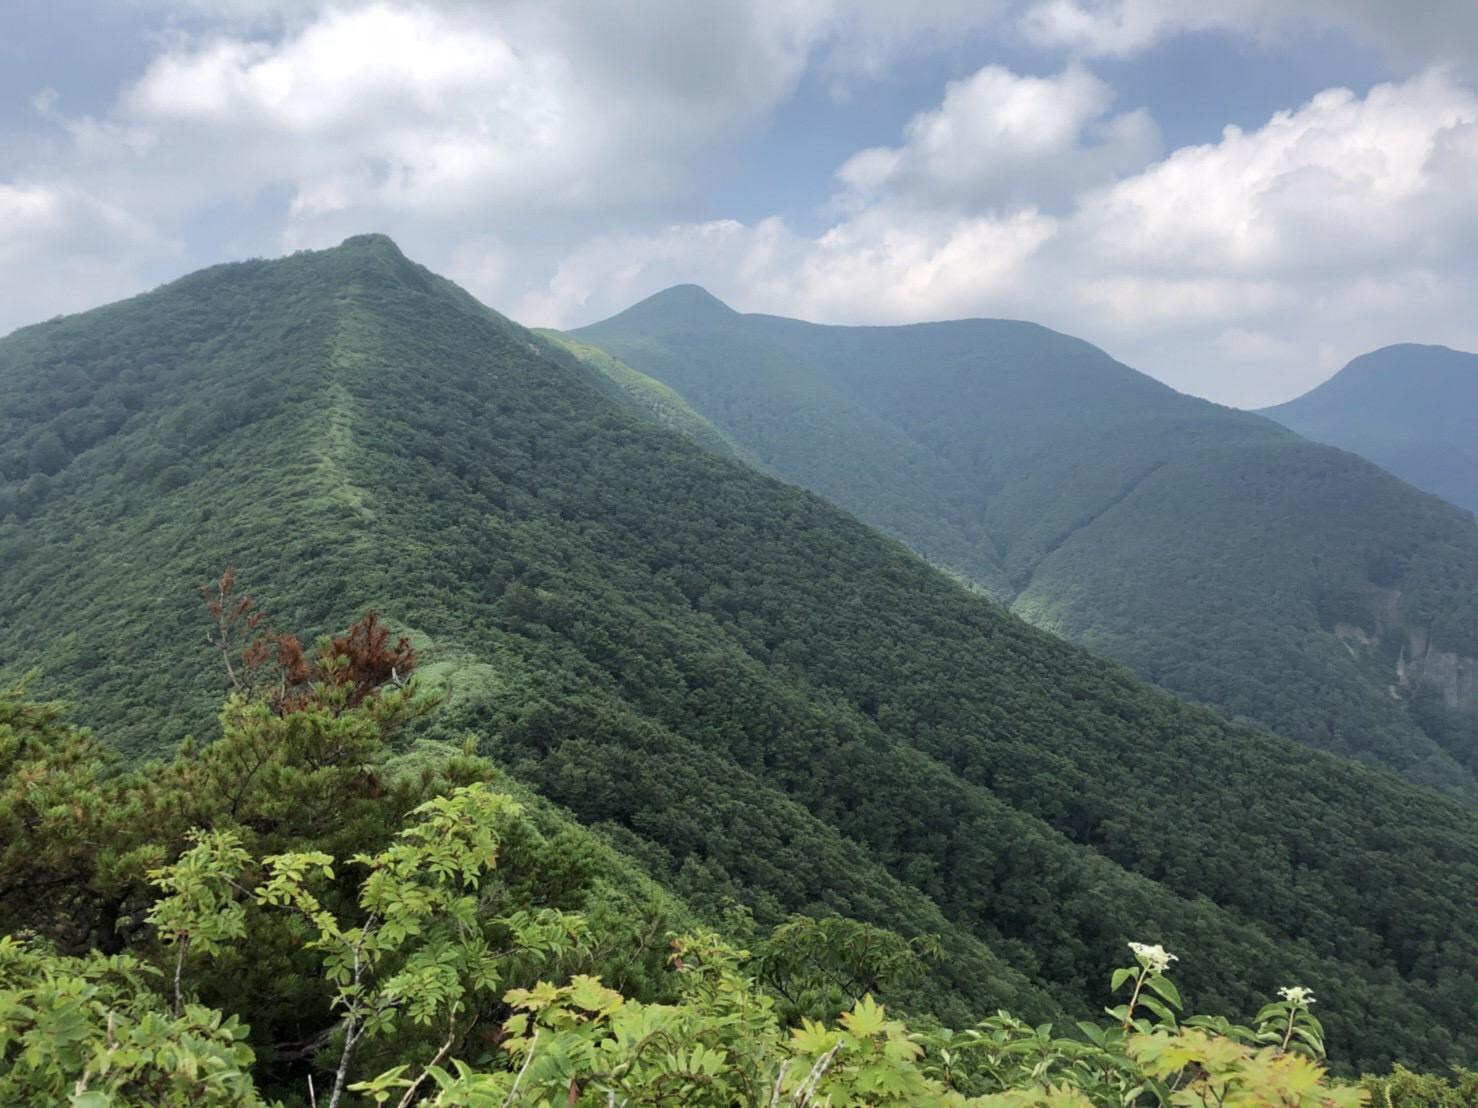 【山形神室岳】3つのピークを越えて山形神室岳まで